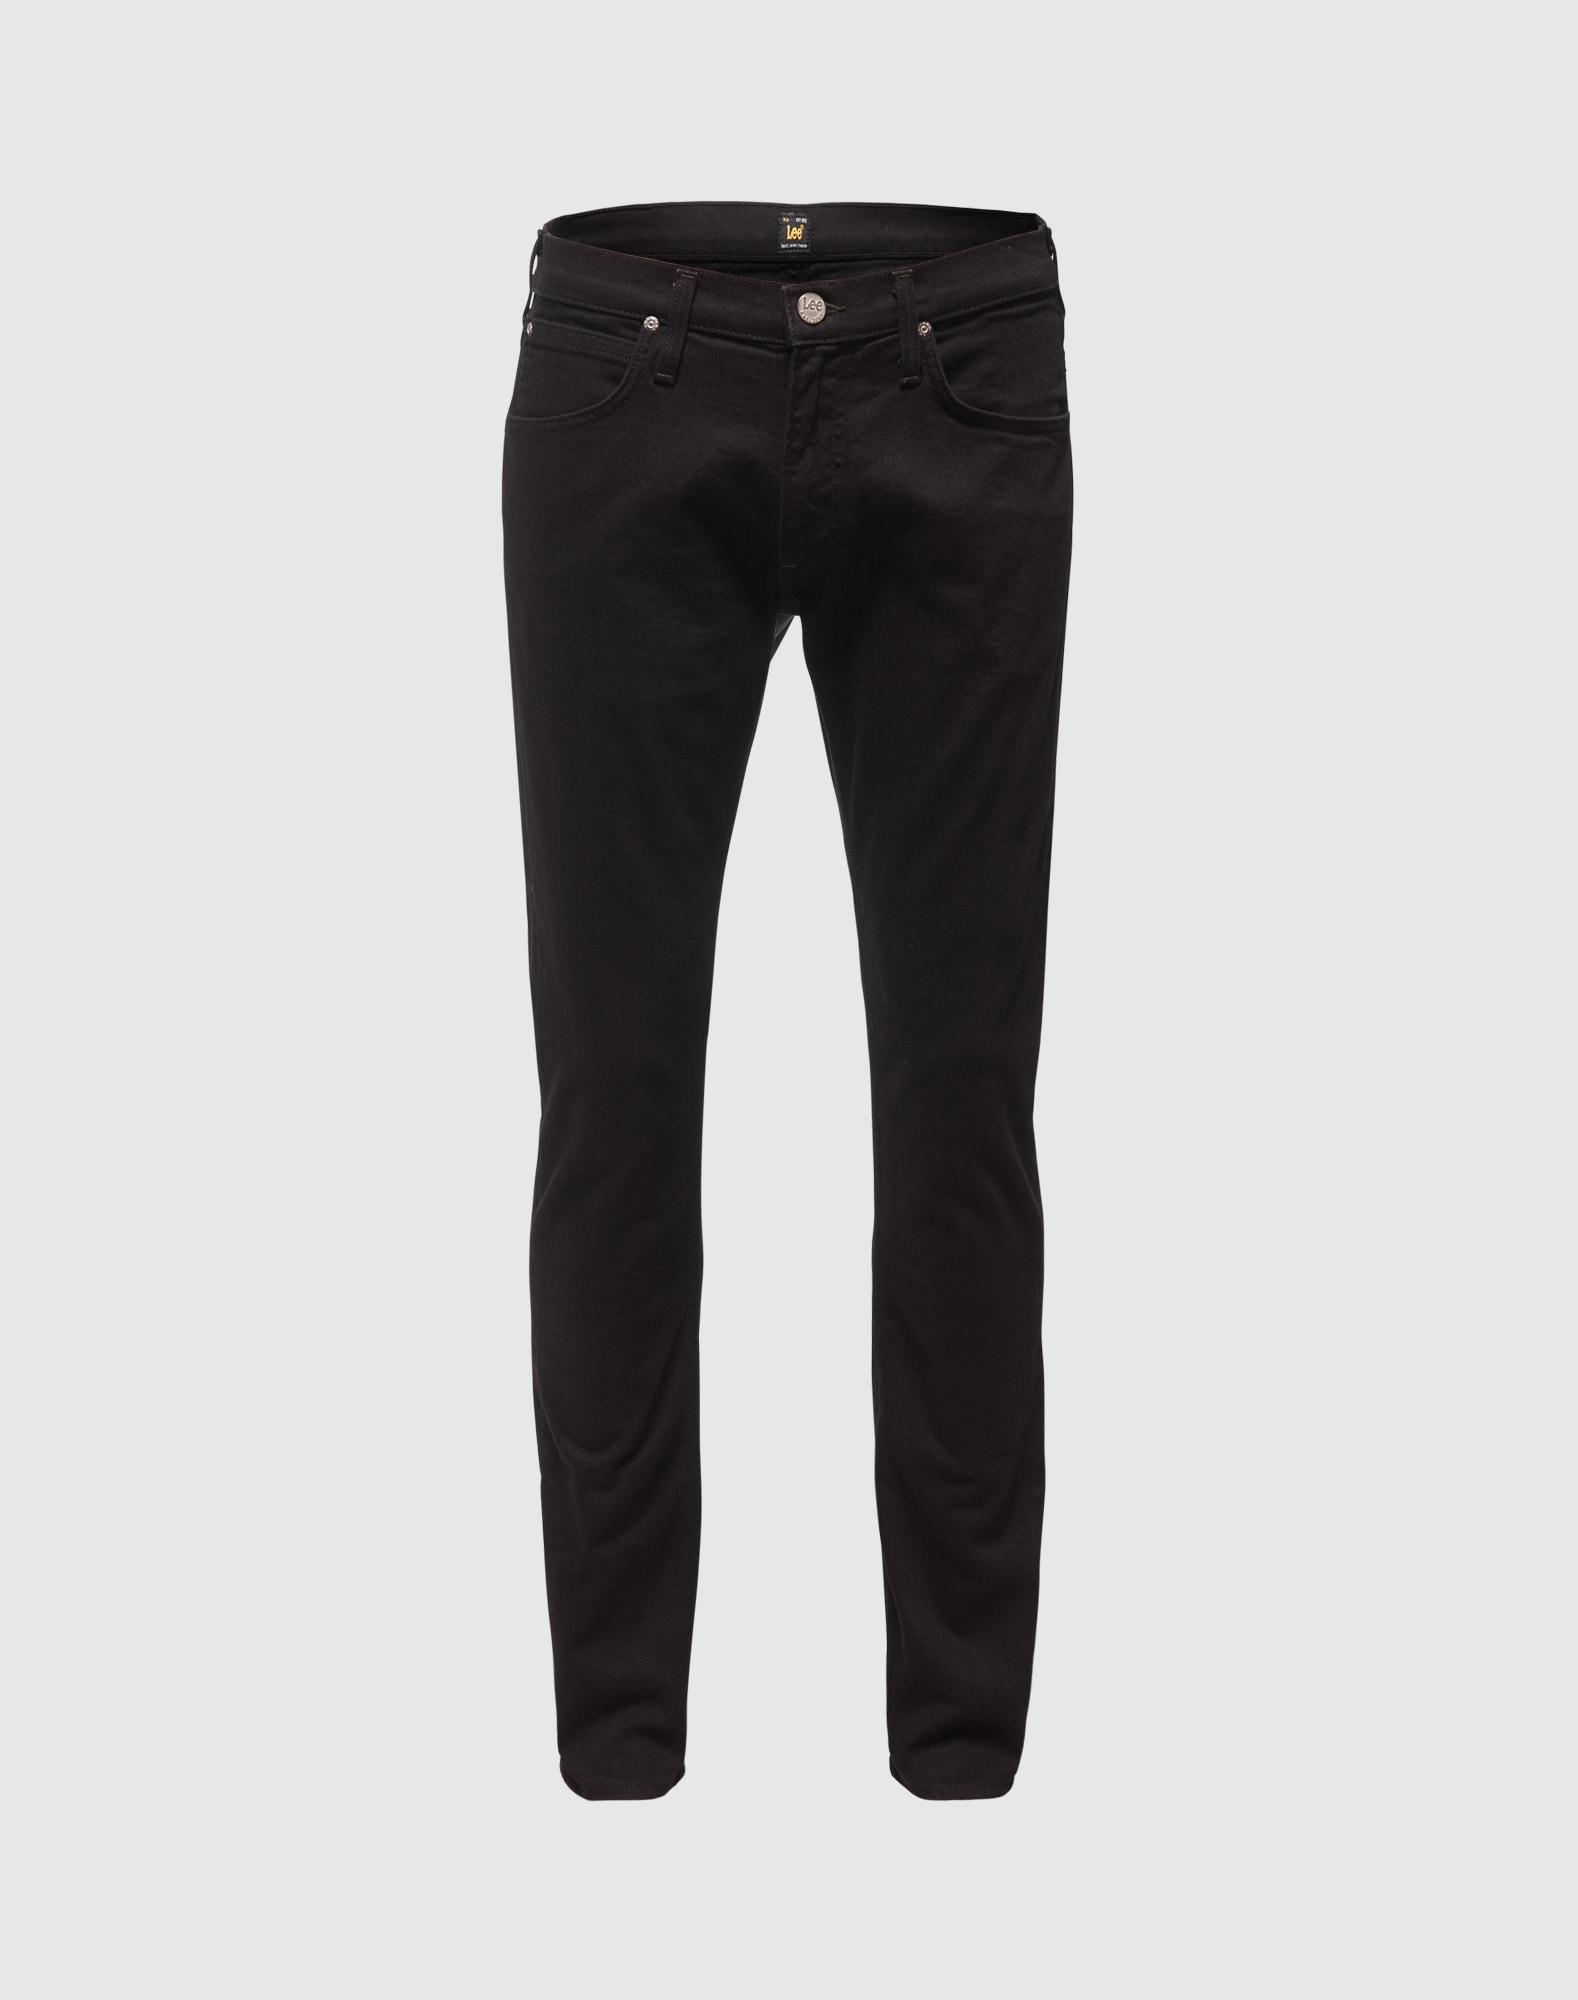 Lee, Heren Jeans 'Luke', zwart